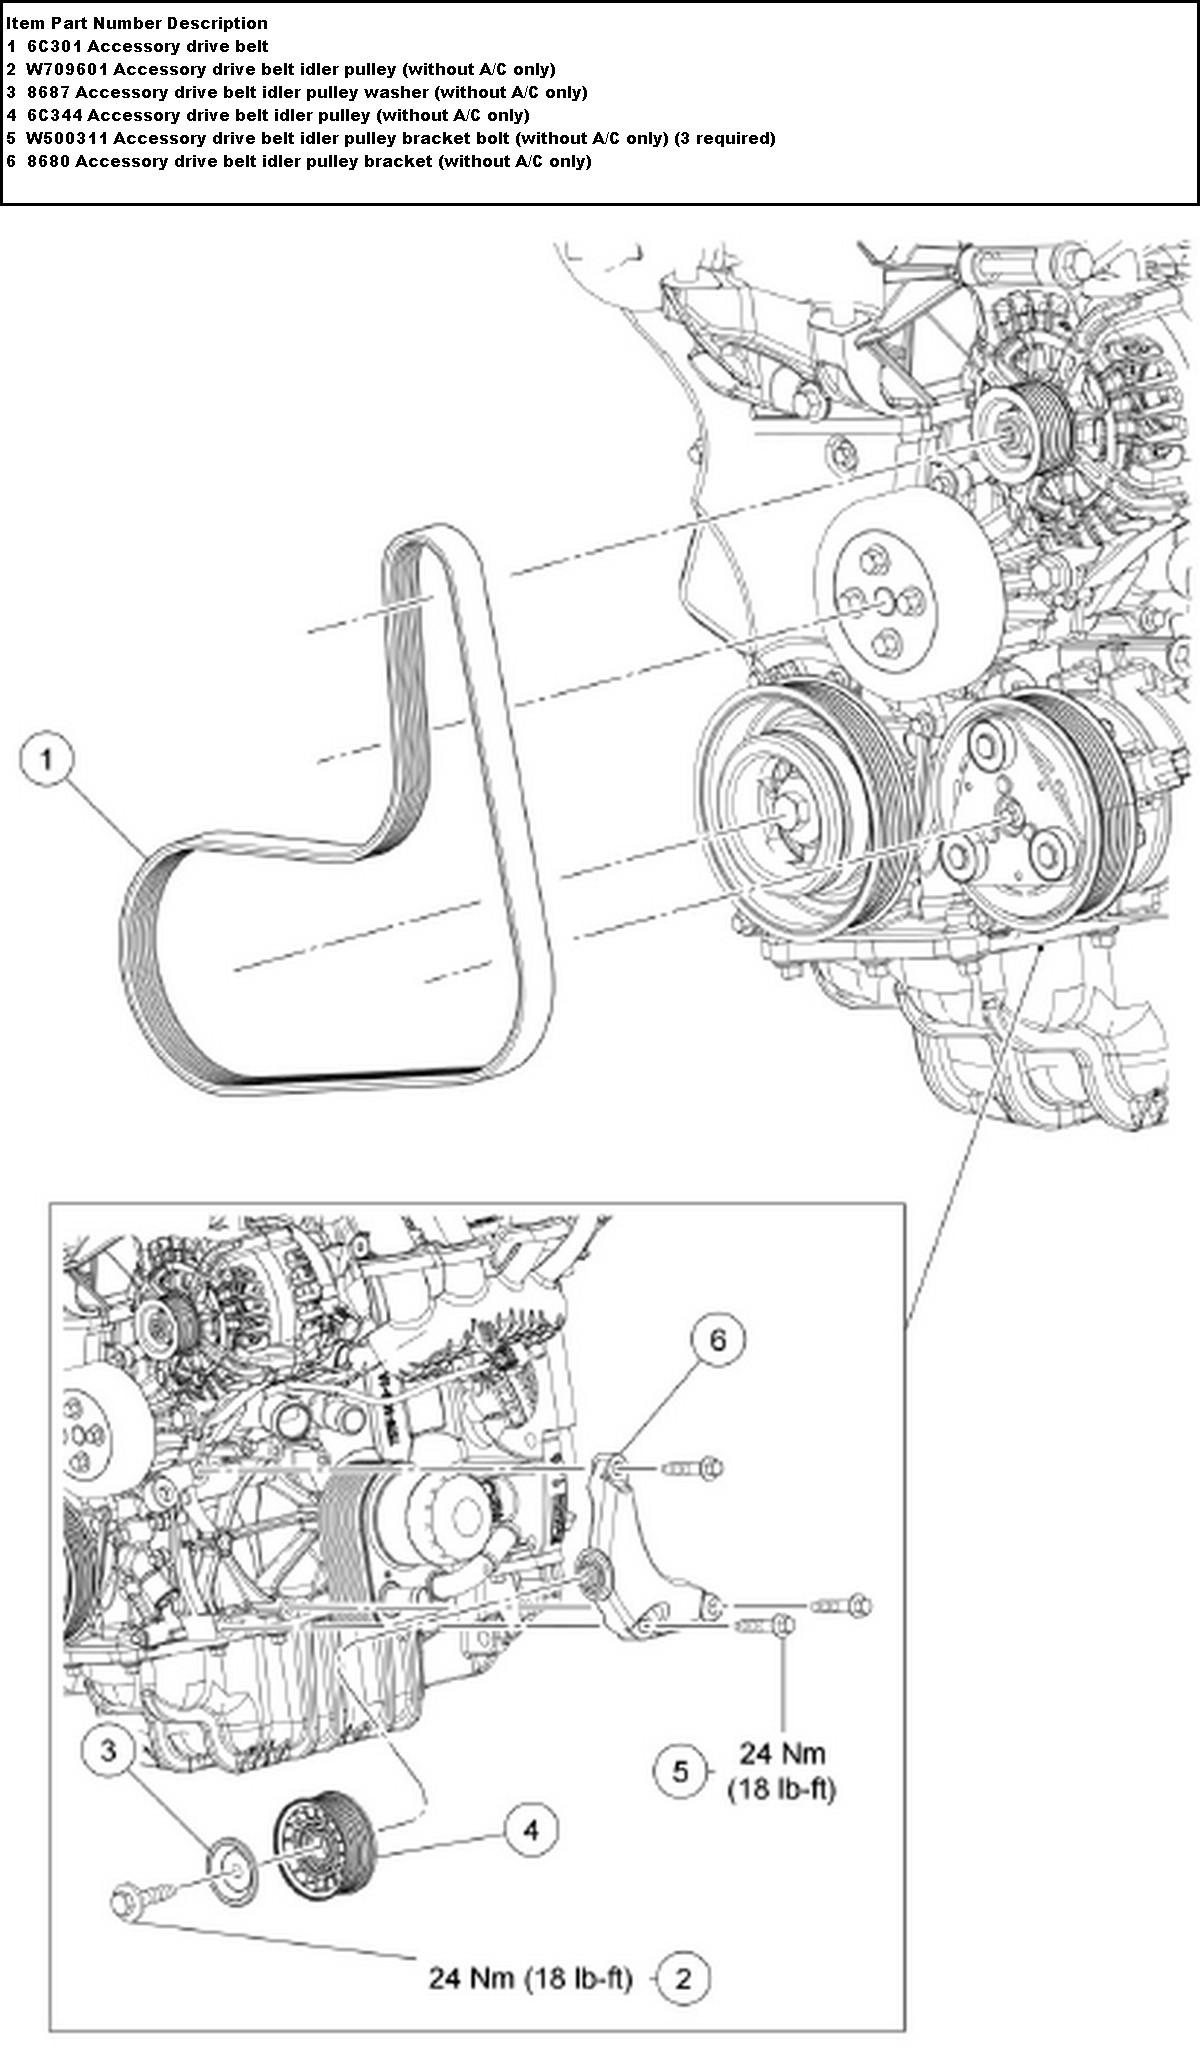 08 ford focus belt diagram  08  free engine image for user